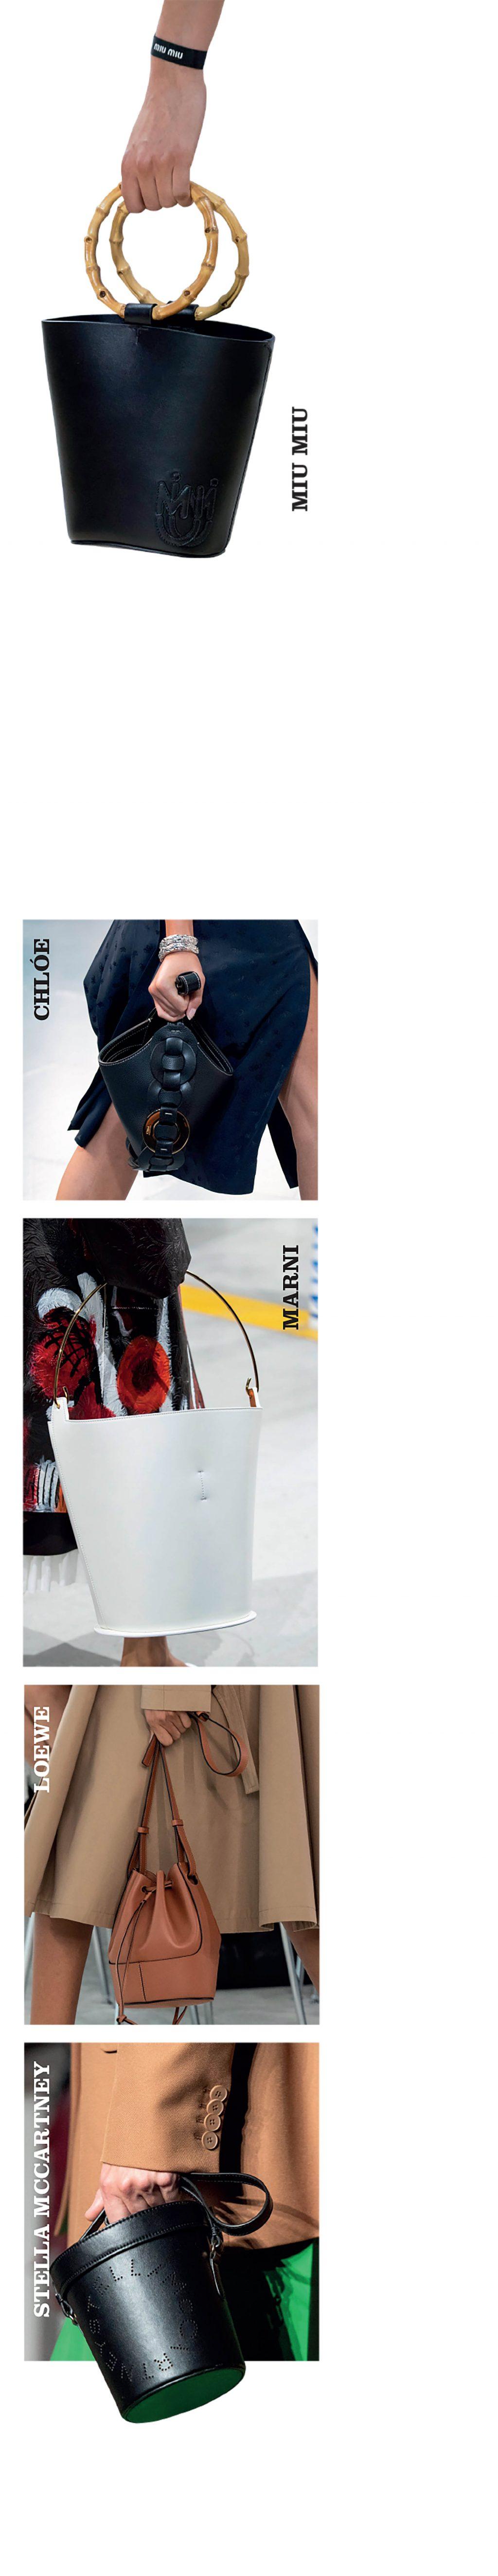 phụ kiện thời trang chiếc túi bucket